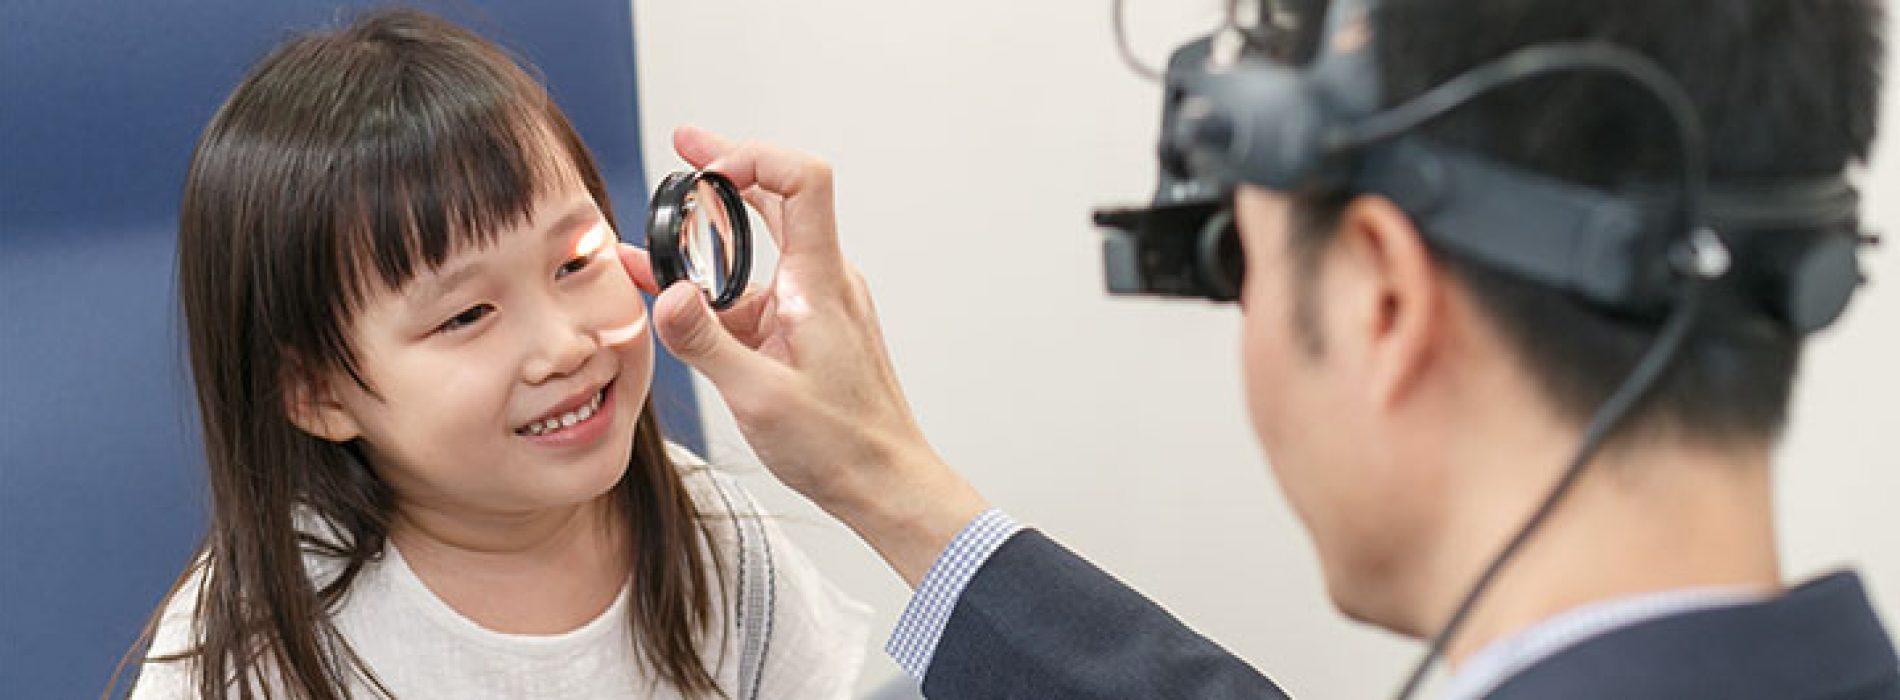 理大護眼關愛一家大小眼睛健康,與家長攜手邁向優質服務12年